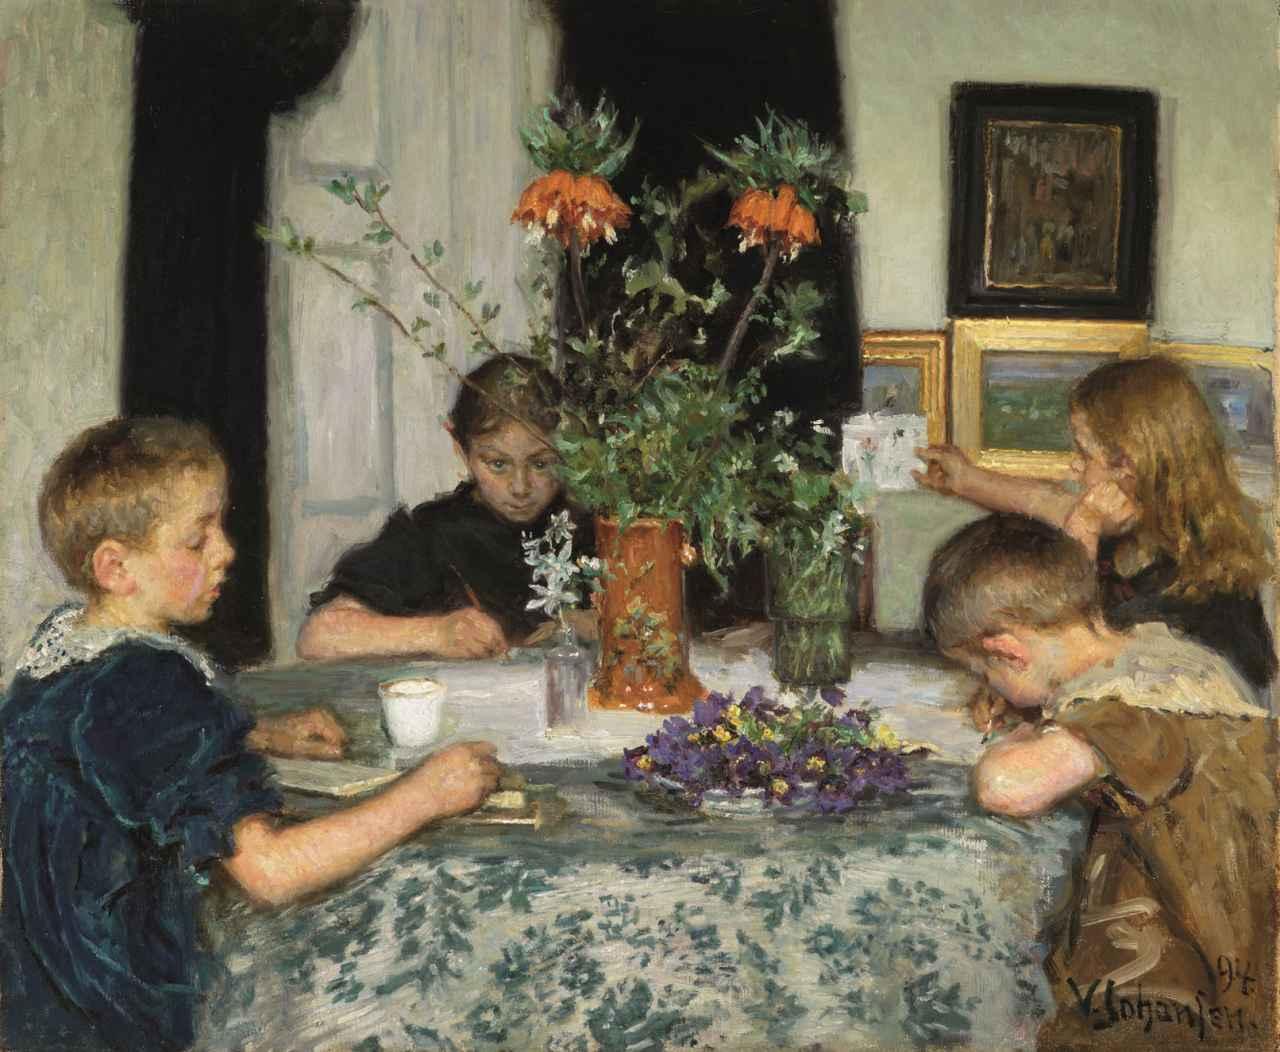 画像: ヴィゴ・ヨハンスン 《春の草花を描く子供たち》 1894年 スケーイン美術館蔵 Art Museums of Skage